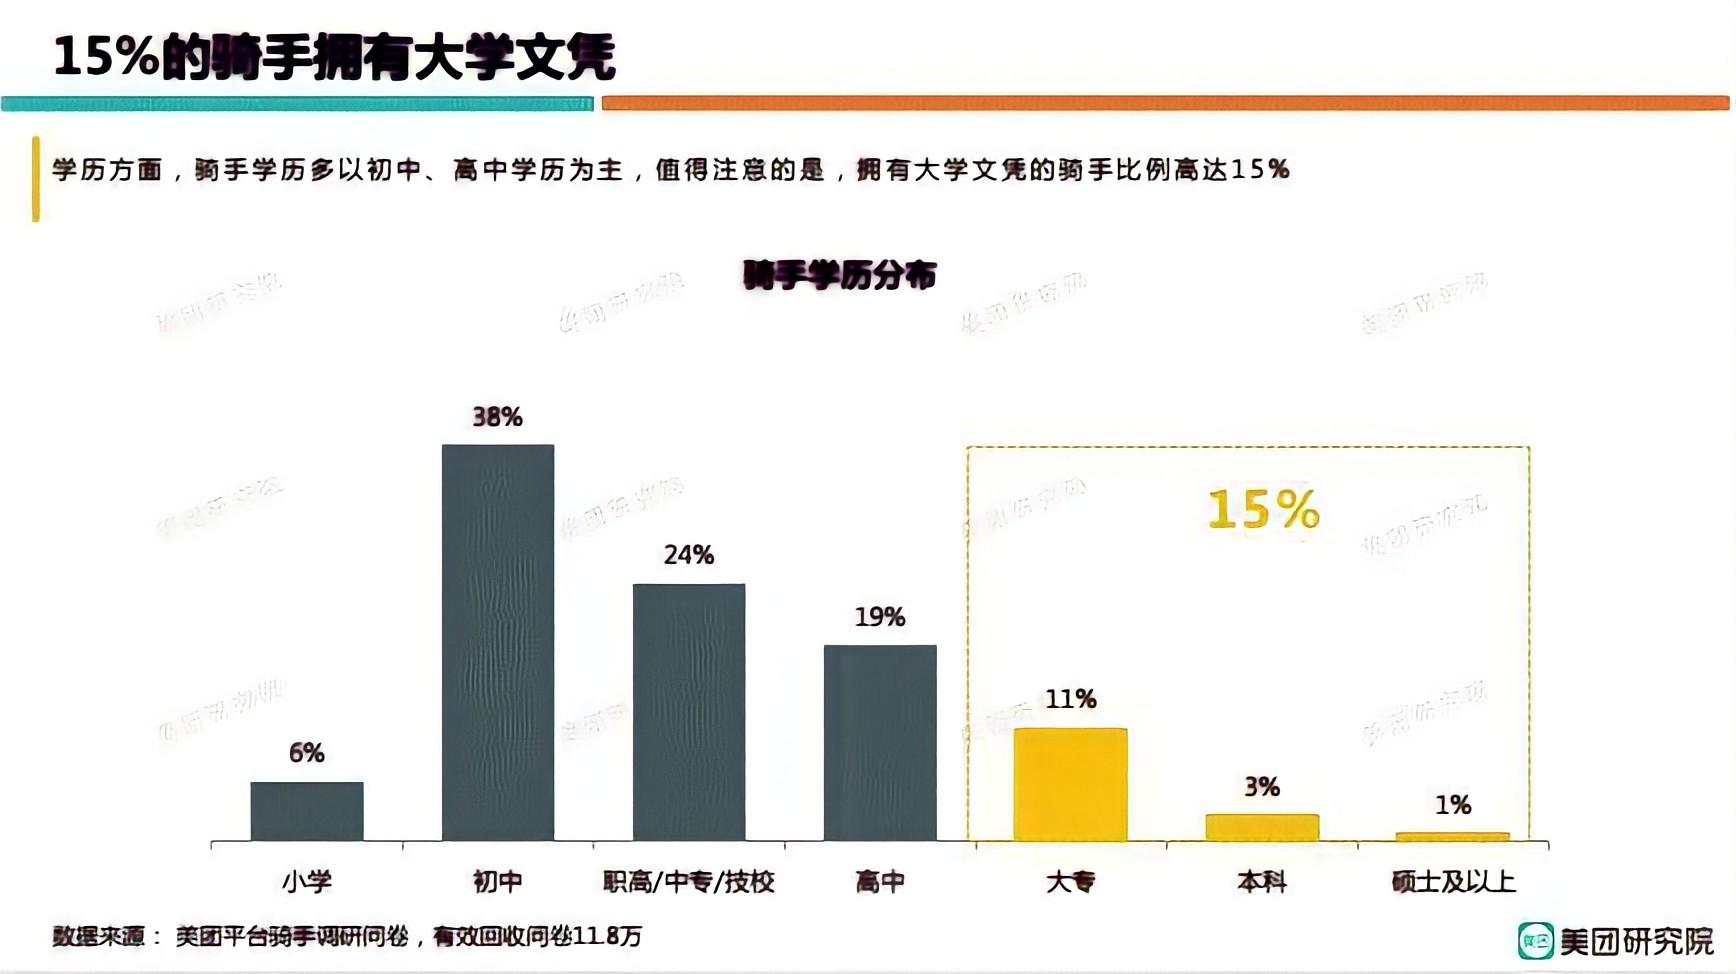 70 nghìn Thạc sĩ nối đuôi nhau làm nghề shipper: Con số biết nói khiến dư luận Trung Quốc hoang mang tột độ những ngày qua - Ảnh 4.